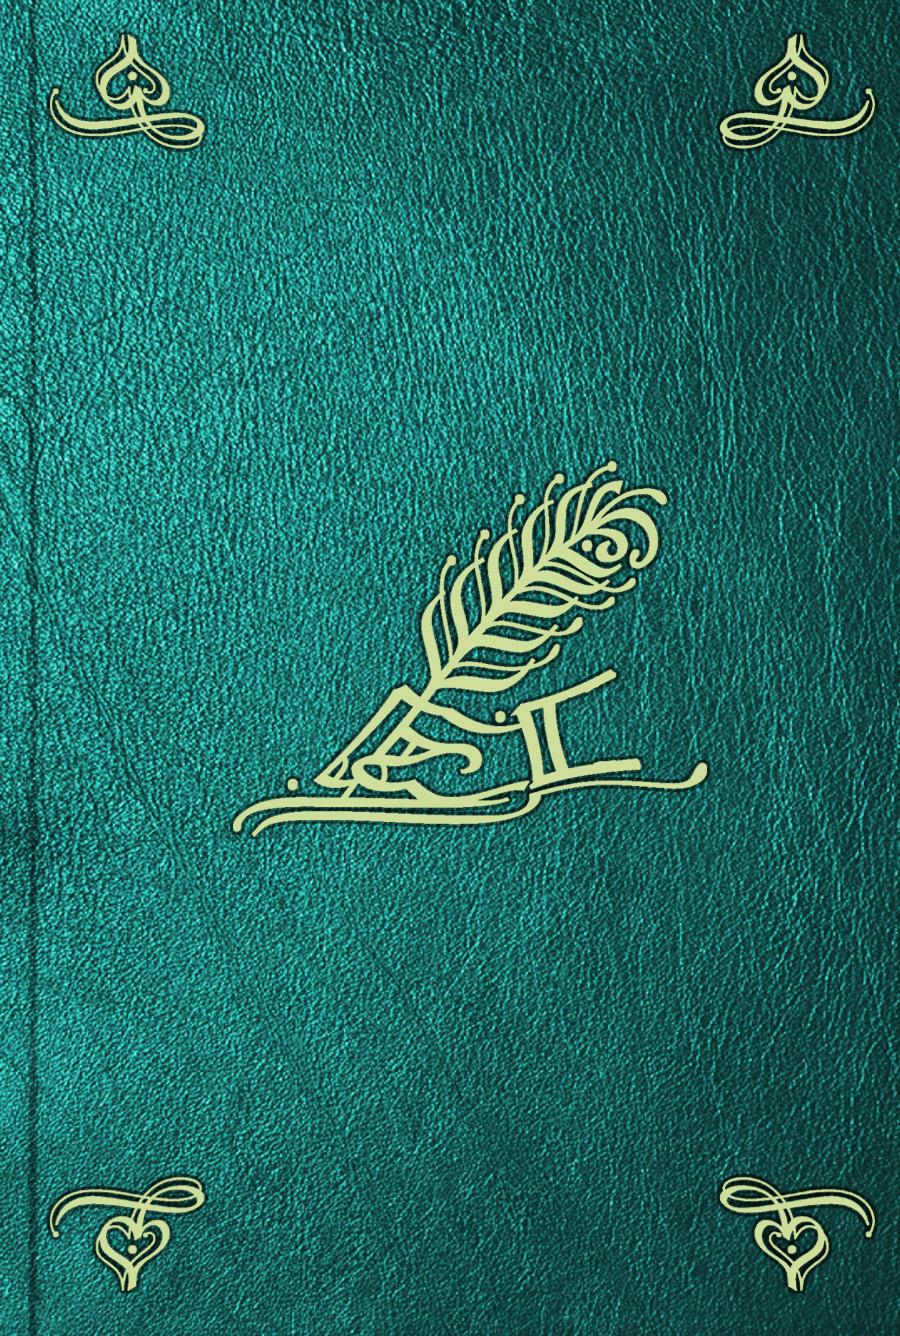 Лондонский пустынник, или Описание нравов и обычаев англичан в начале XIX столетия. Ч. 3